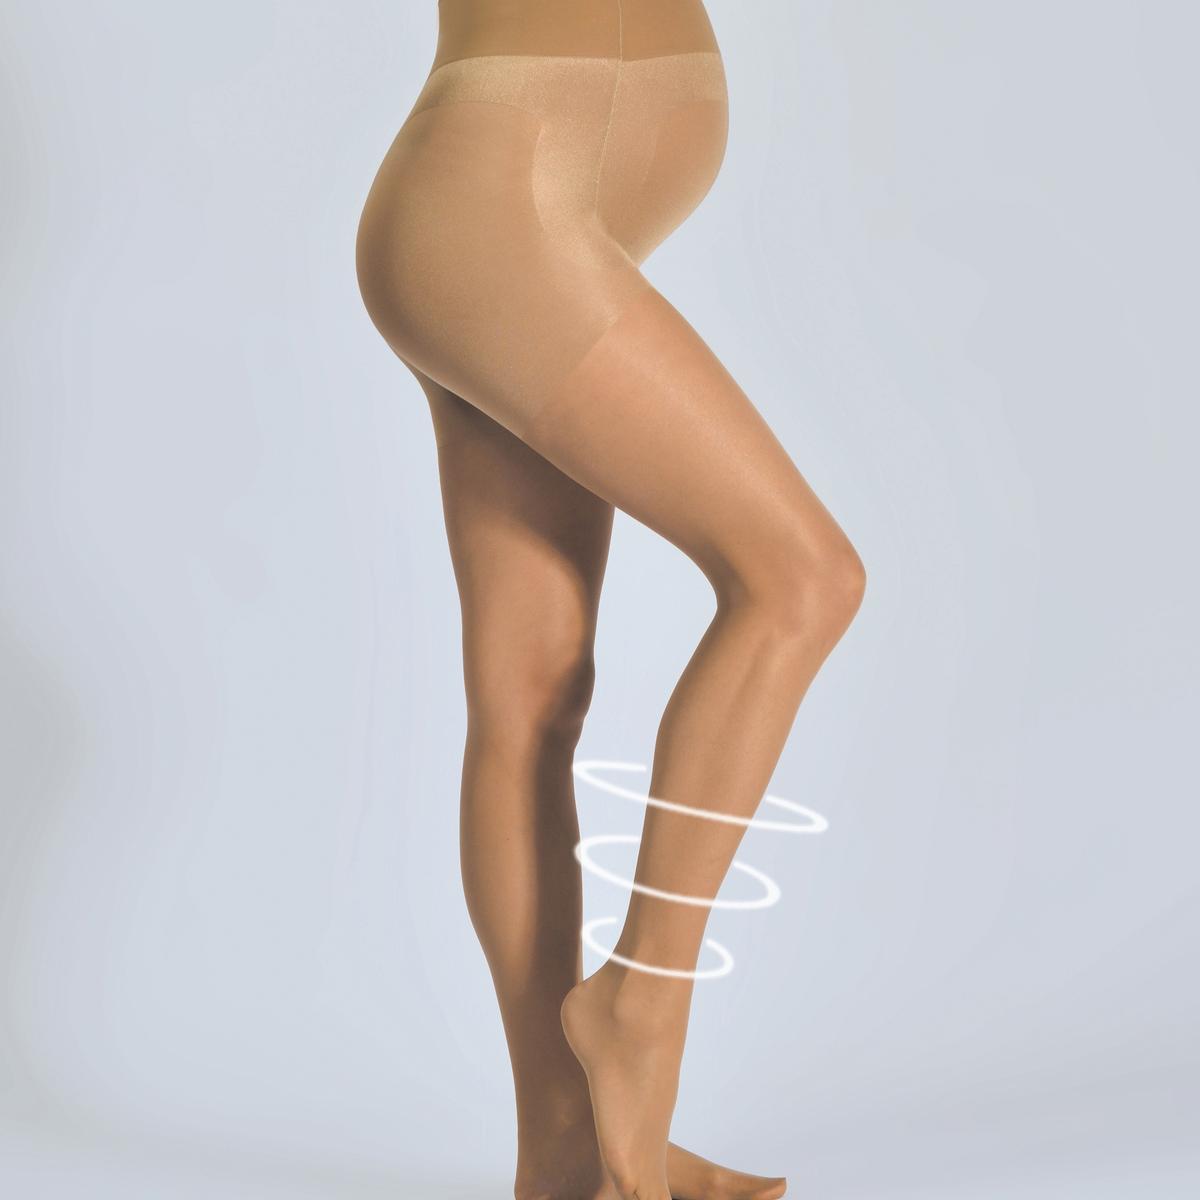 Колготки для периода беременности ACTIVLIGHTКолготки для периода беременности 30 ден (тонкие). 80% полиамида,  20% эластана. Отличная поддержка и удобство для будущих мам ! Способствует микроциркуляции для тонизирующего эффекта и ощущения легкости в ногах в течение всего дня. Колготки с усиленным мыском.<br><br>Цвет: телесный,черный<br>Размер: 1(S)